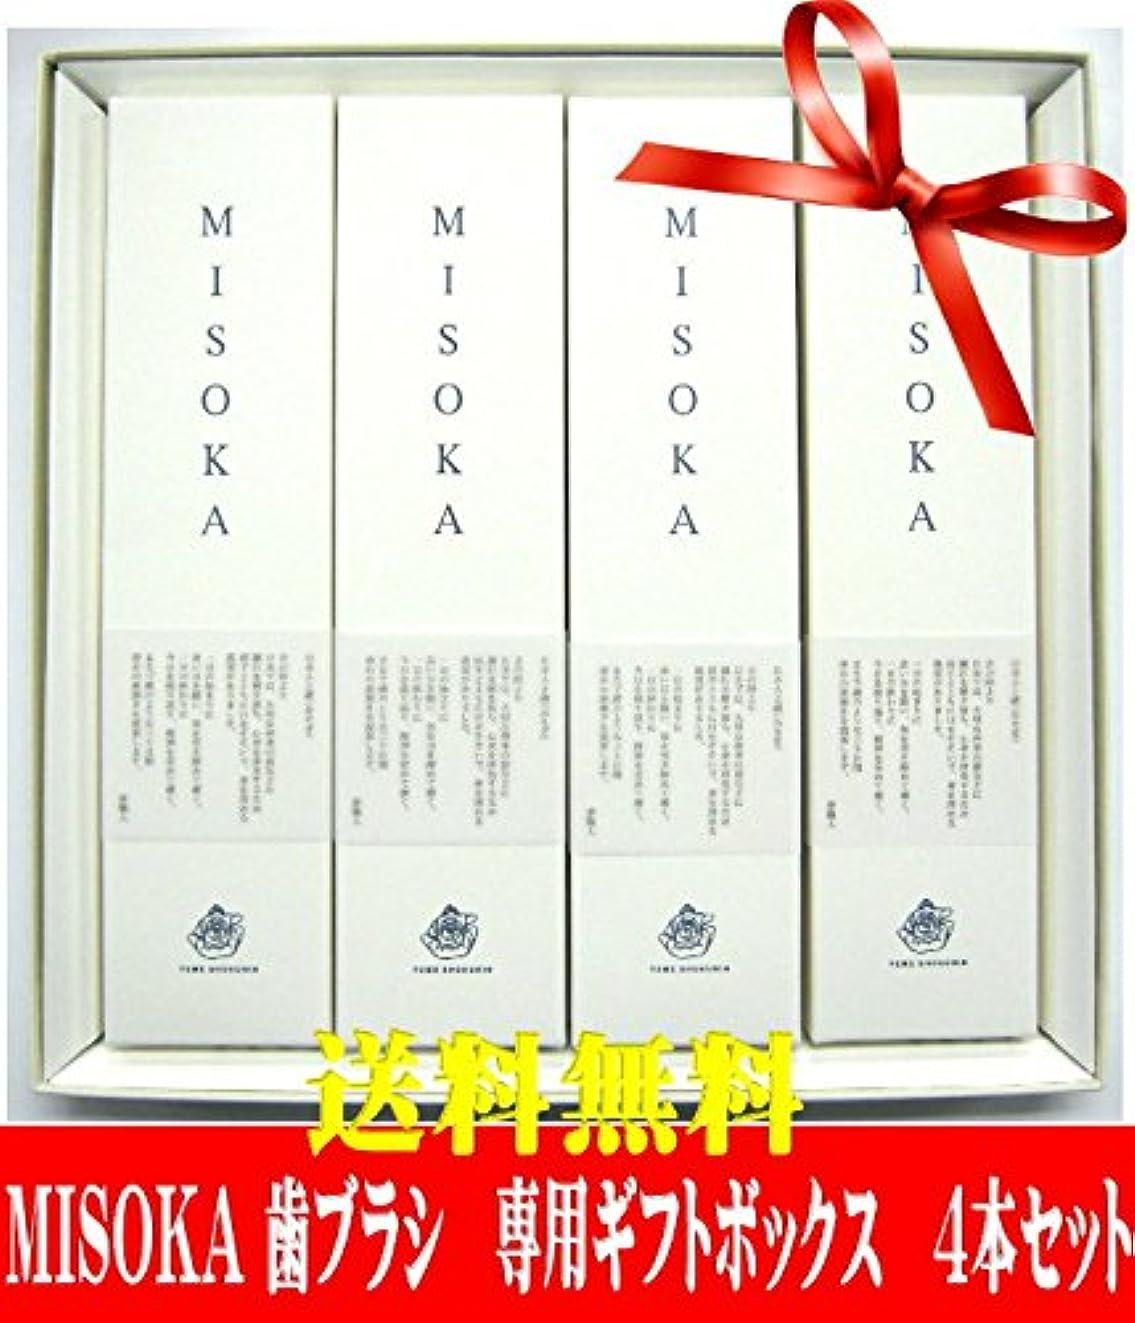 失望させる秘密のフレームワーク夢職人MISOKA(みそか)歯ブラシ4本ギフトセット